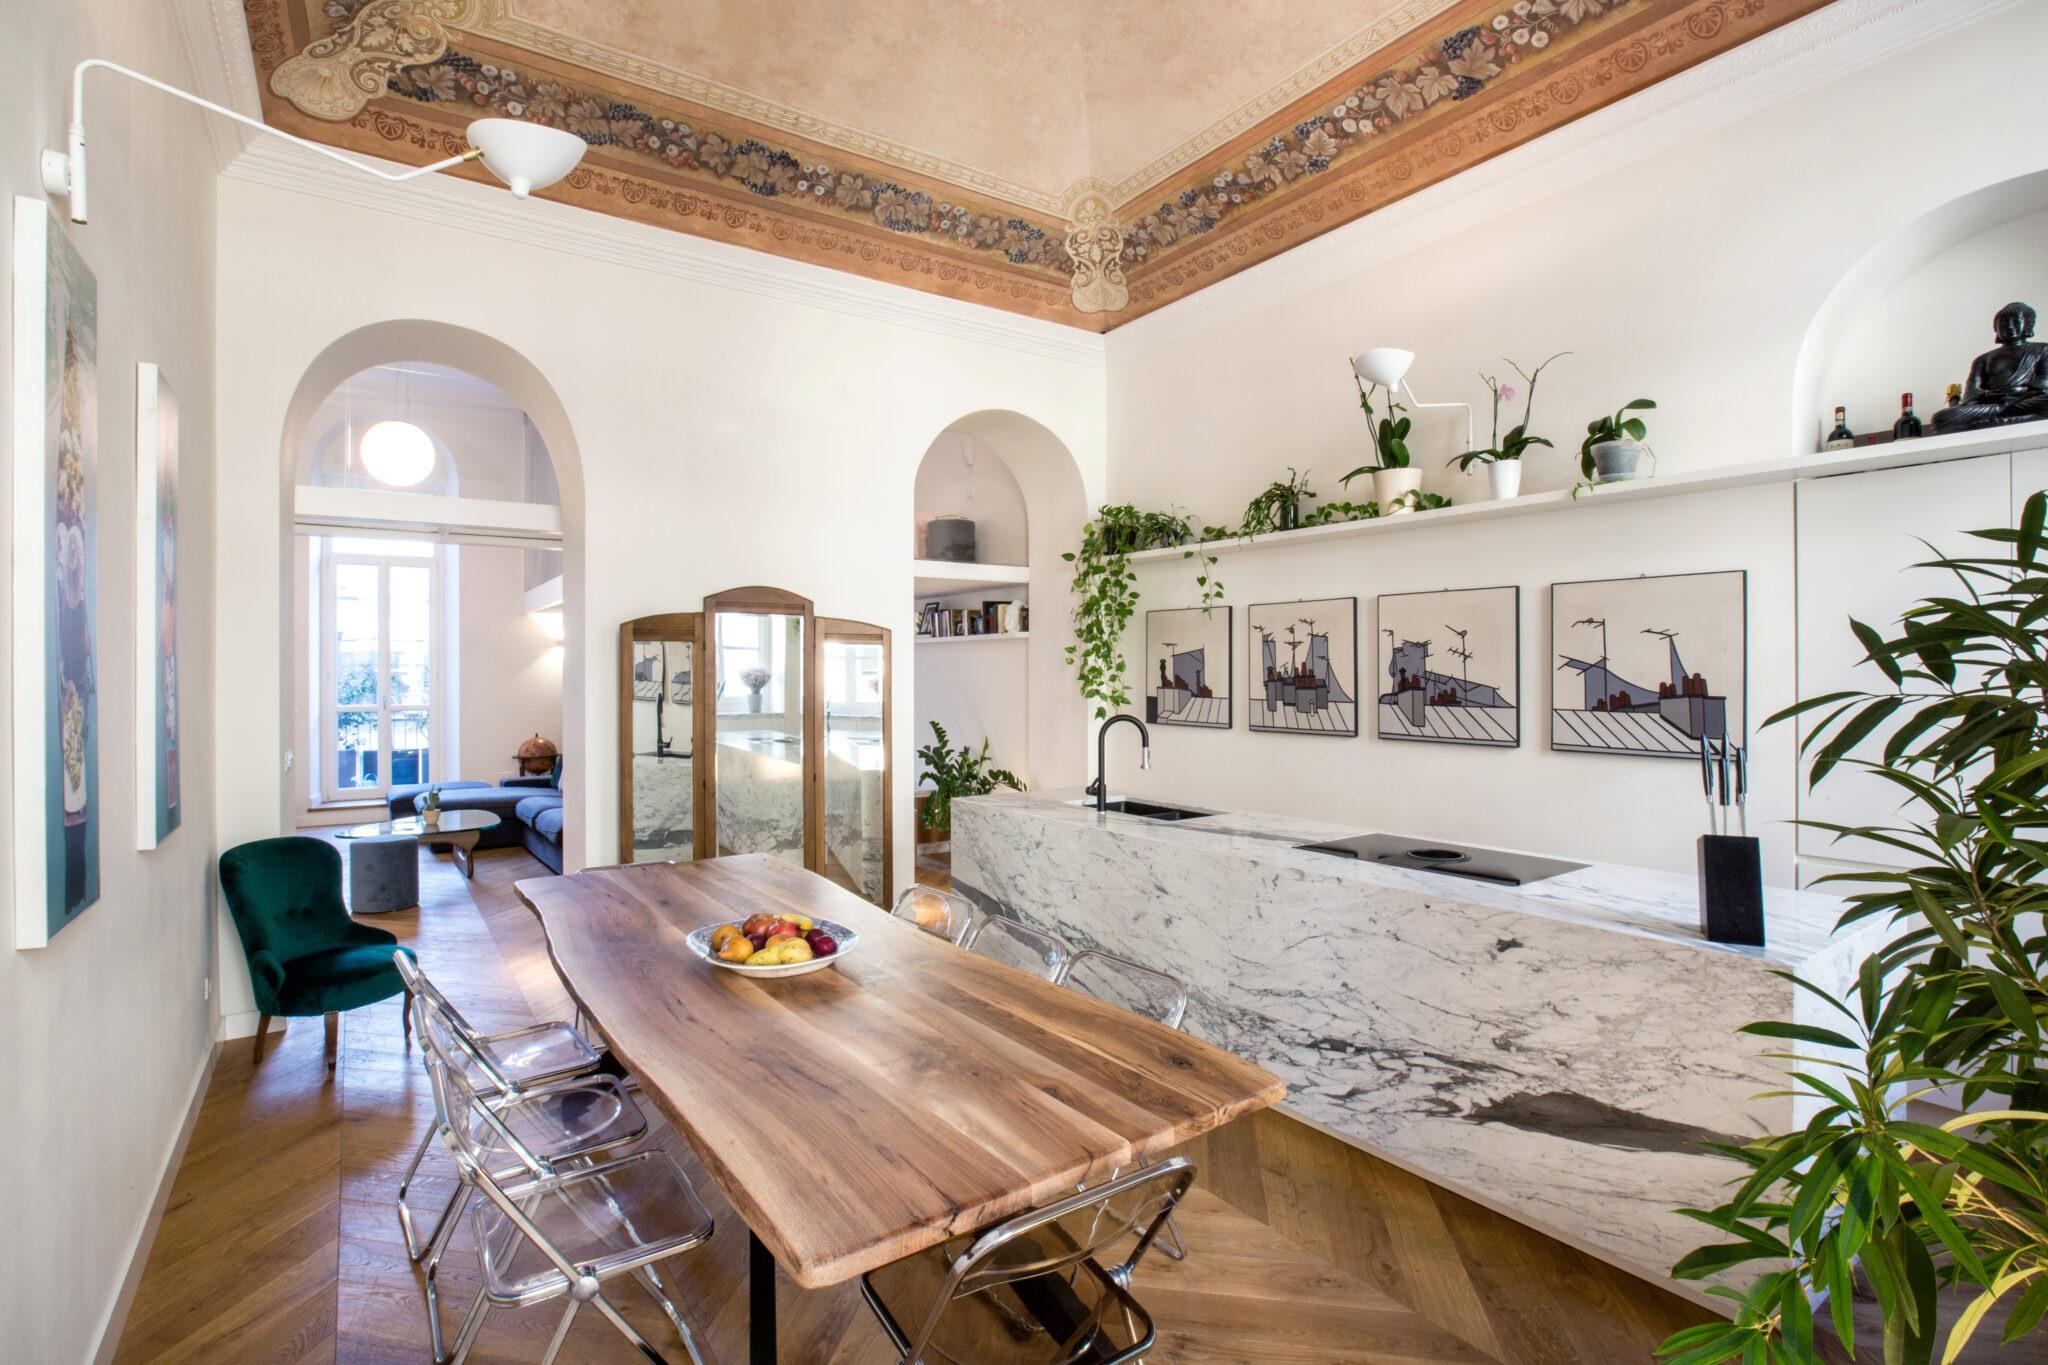 cucina con isola rivestita in marmo